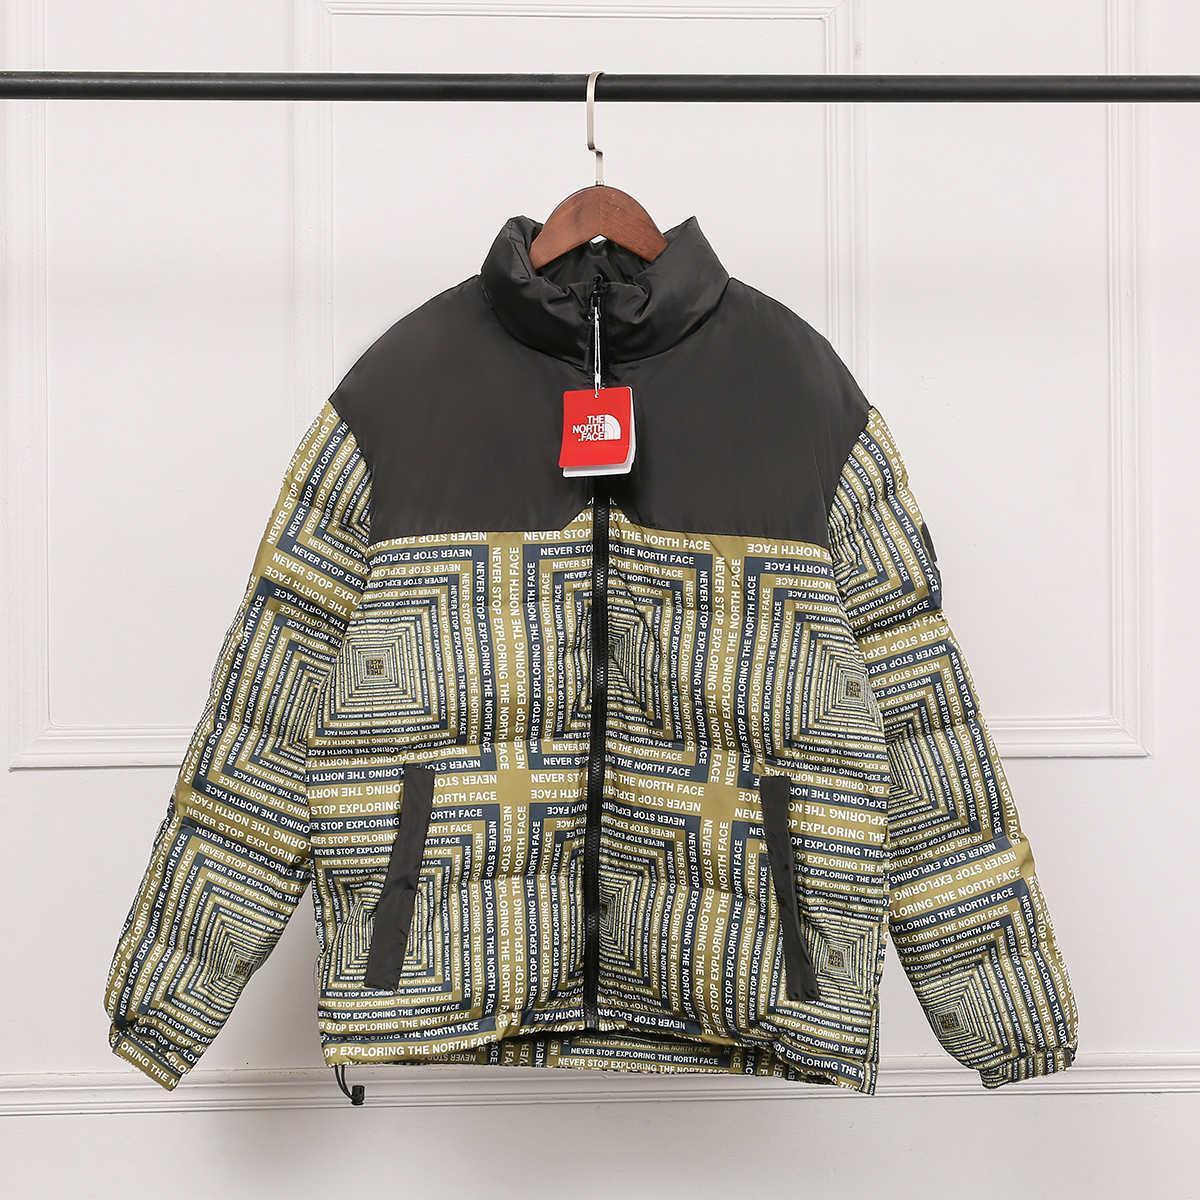 Kadın kazak rahat moda kazak boyut M-XXL rahat sıcak WSJ052 # 120409 lucky04